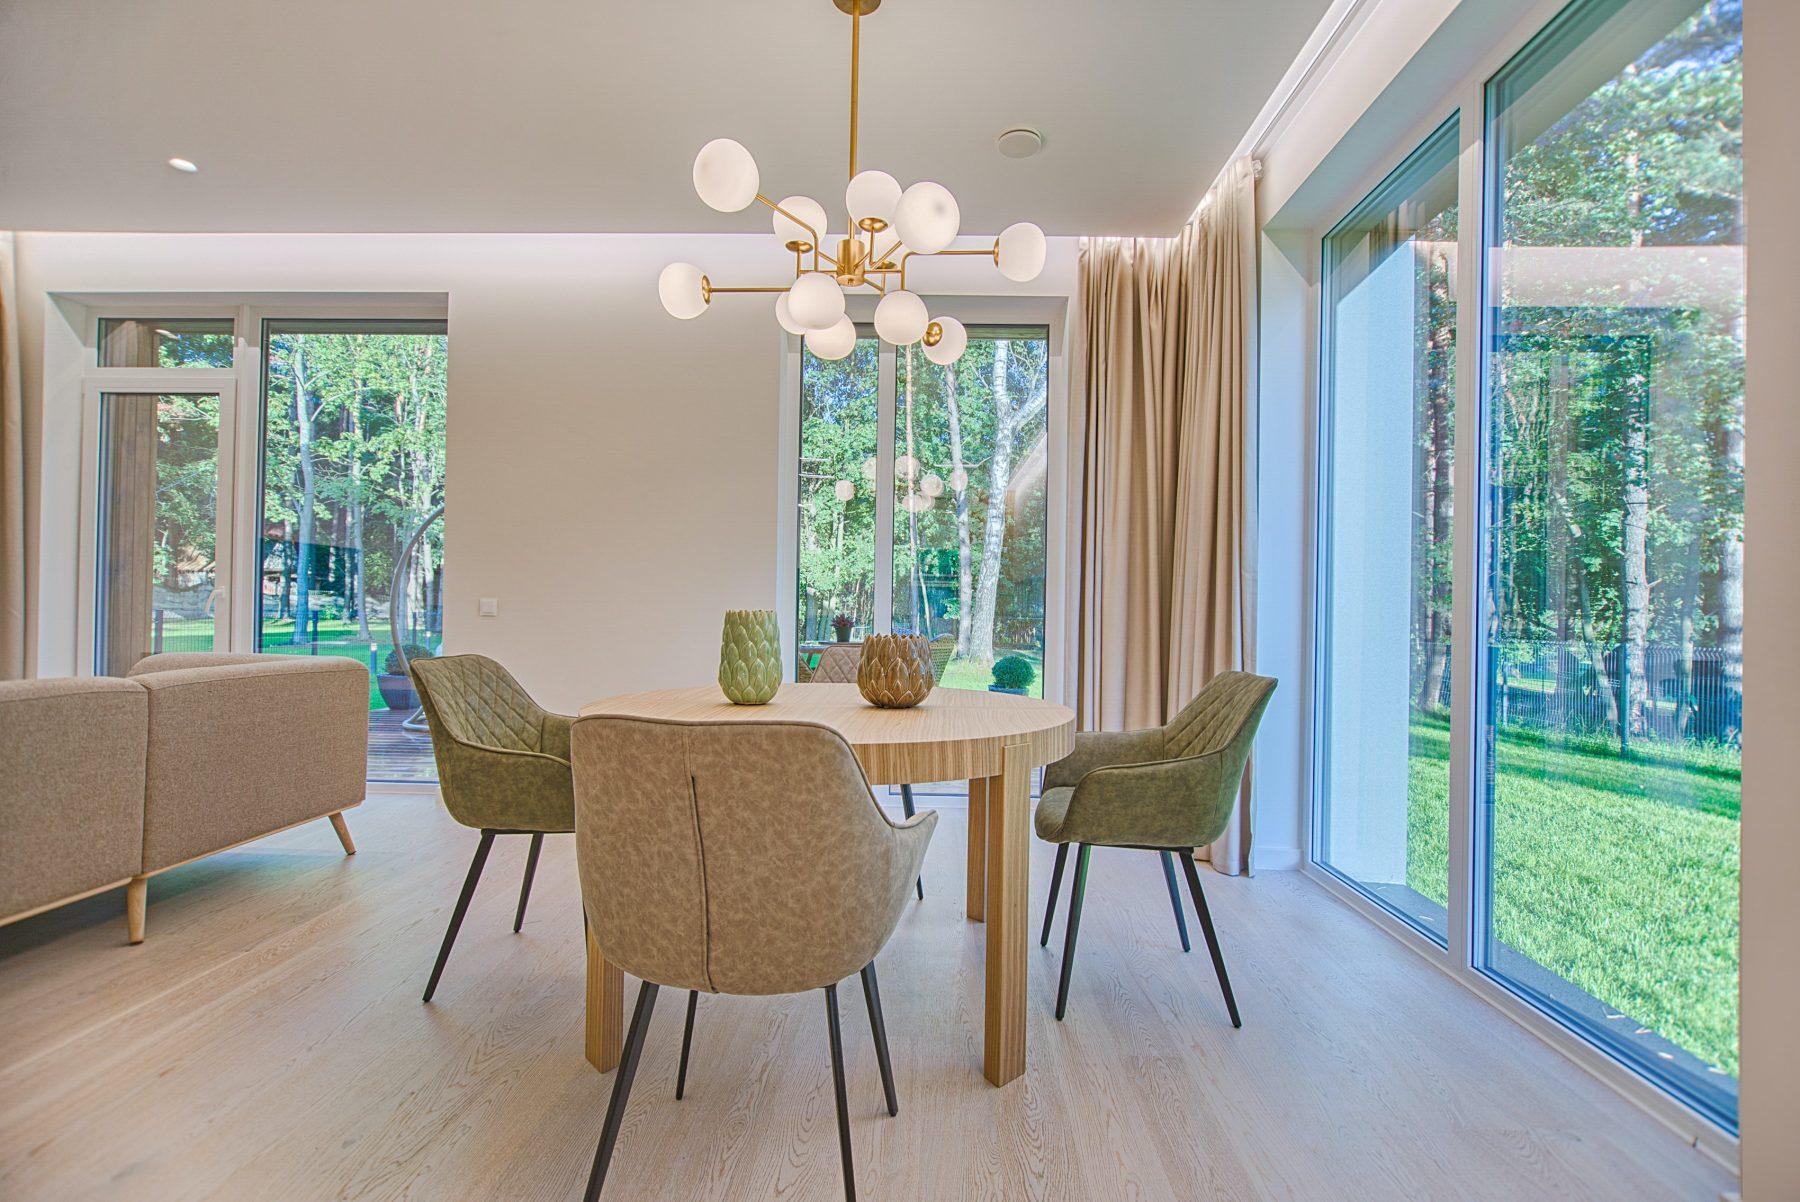 Bild eines schönen Zimmers mit Tisch und Stuhl.